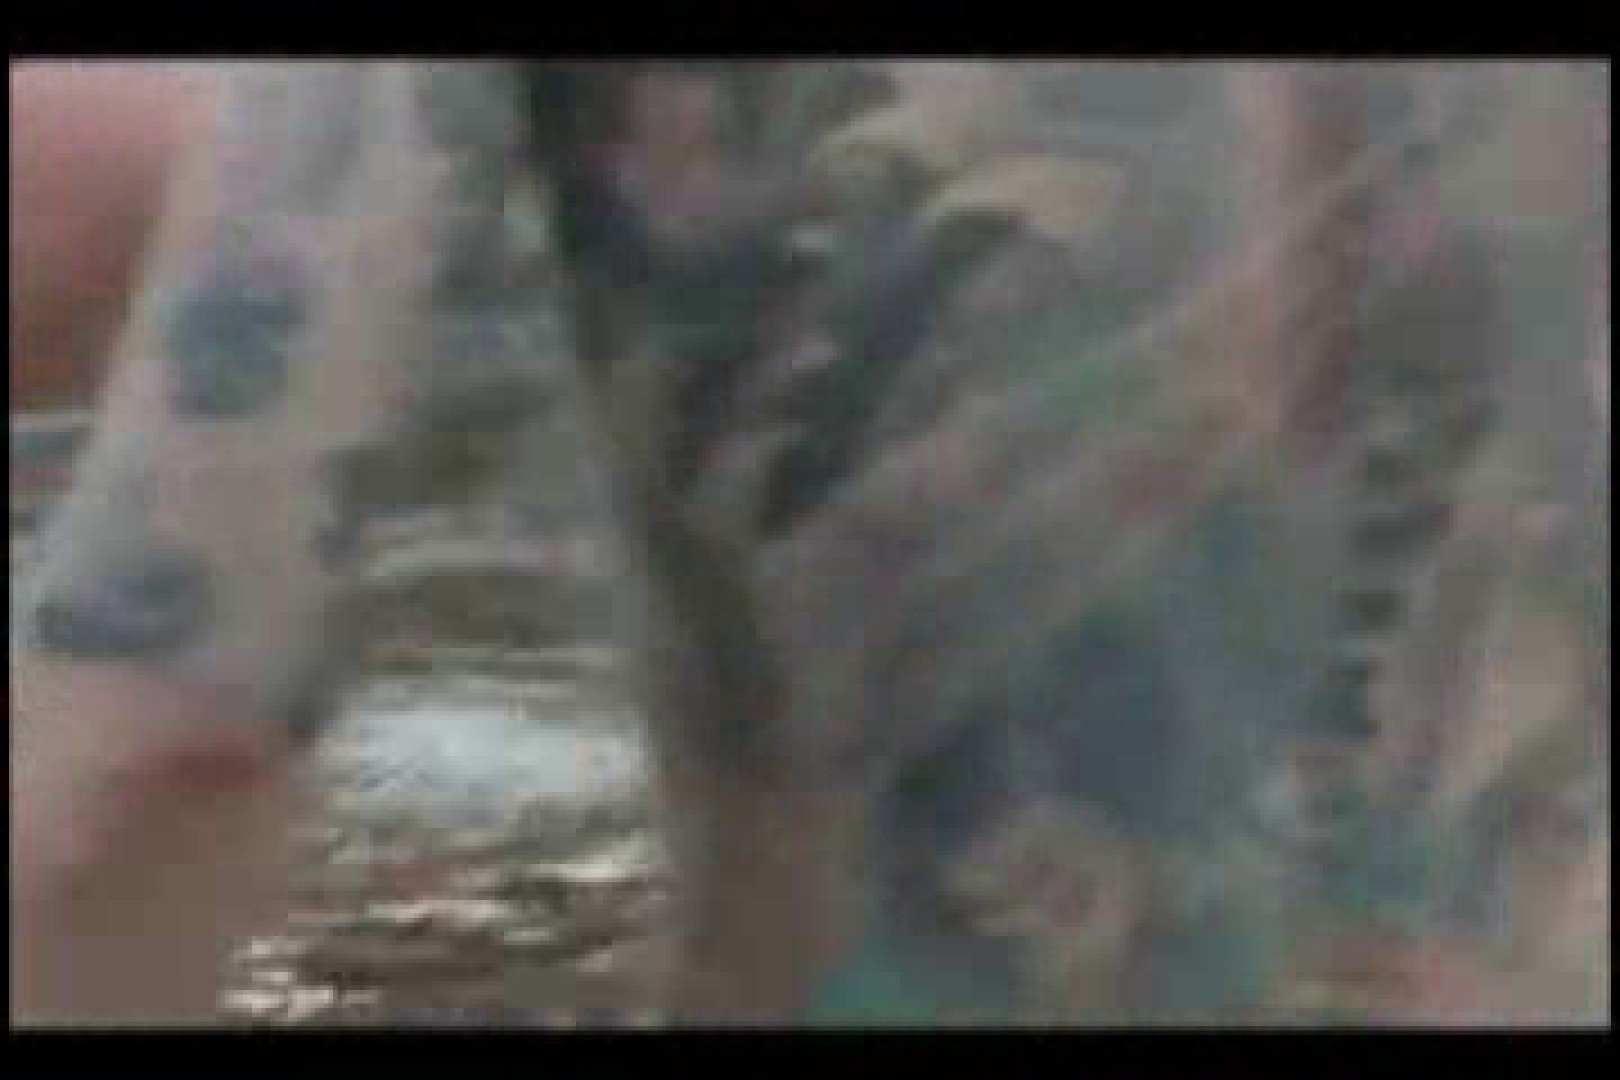 陰間茶屋 男児祭り VOL.2 メンズのチンコ   男の世界  82画像 1